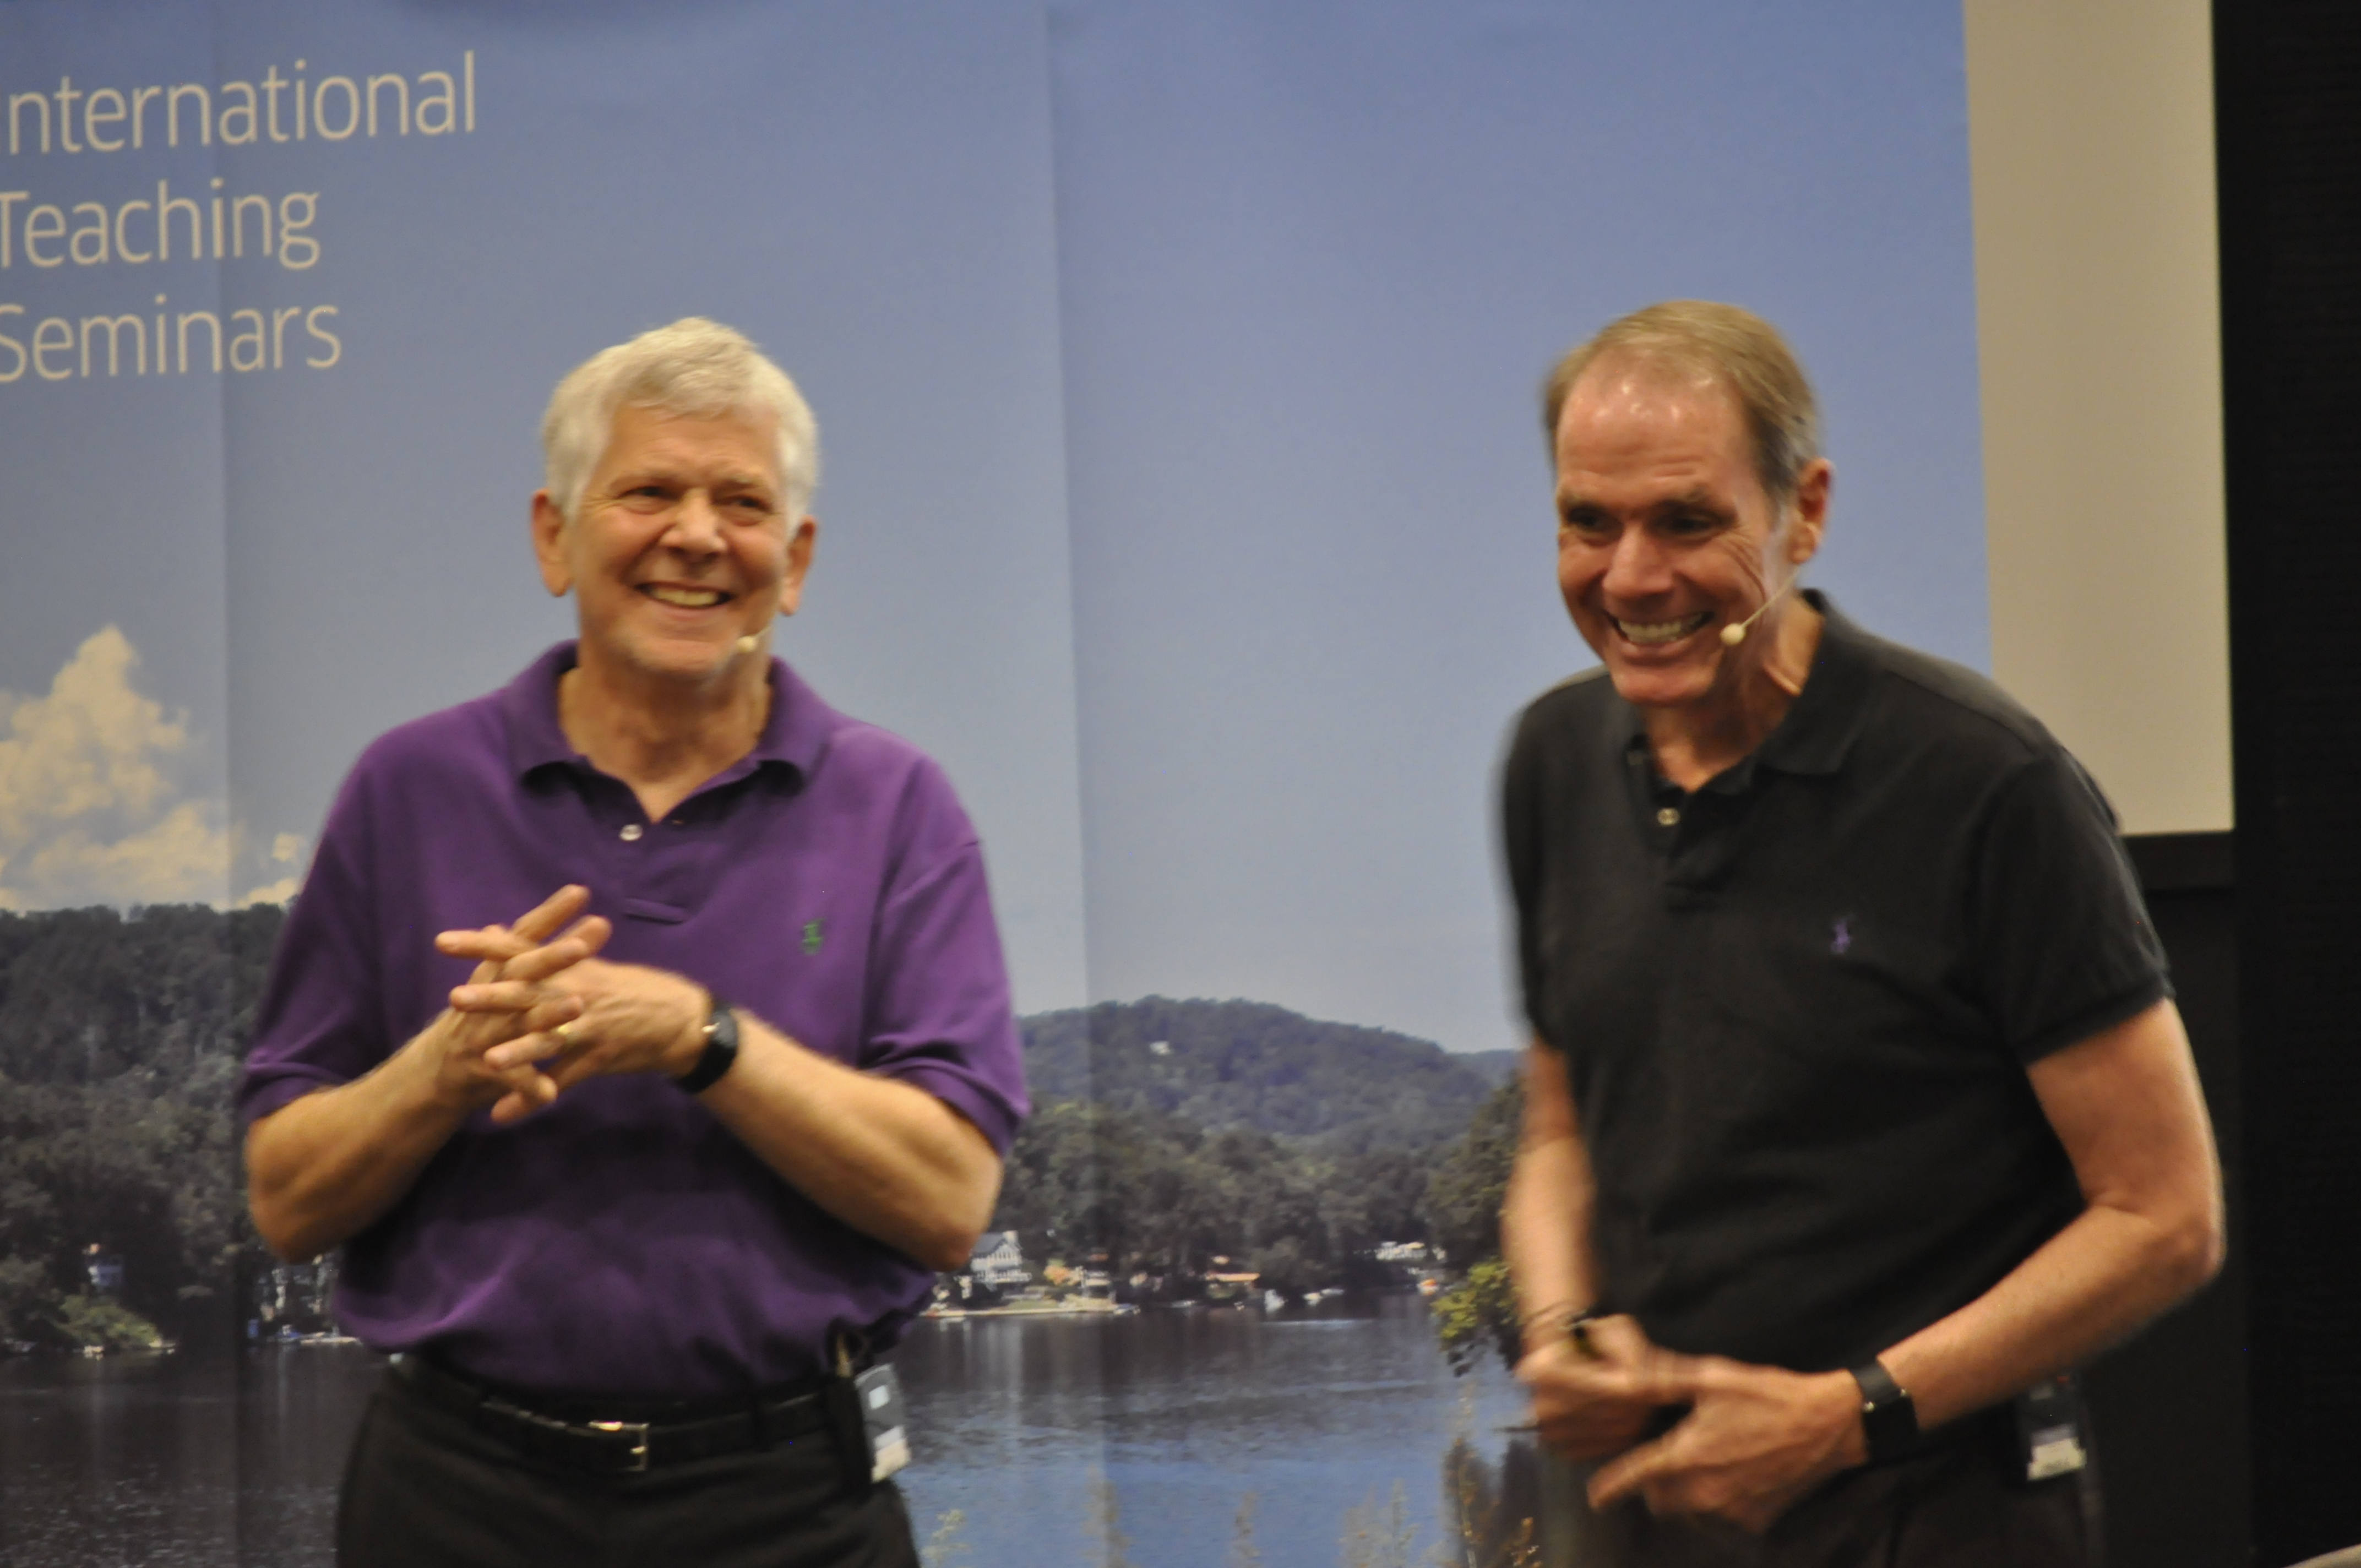 Robert Dilts and Ian Mcdermott